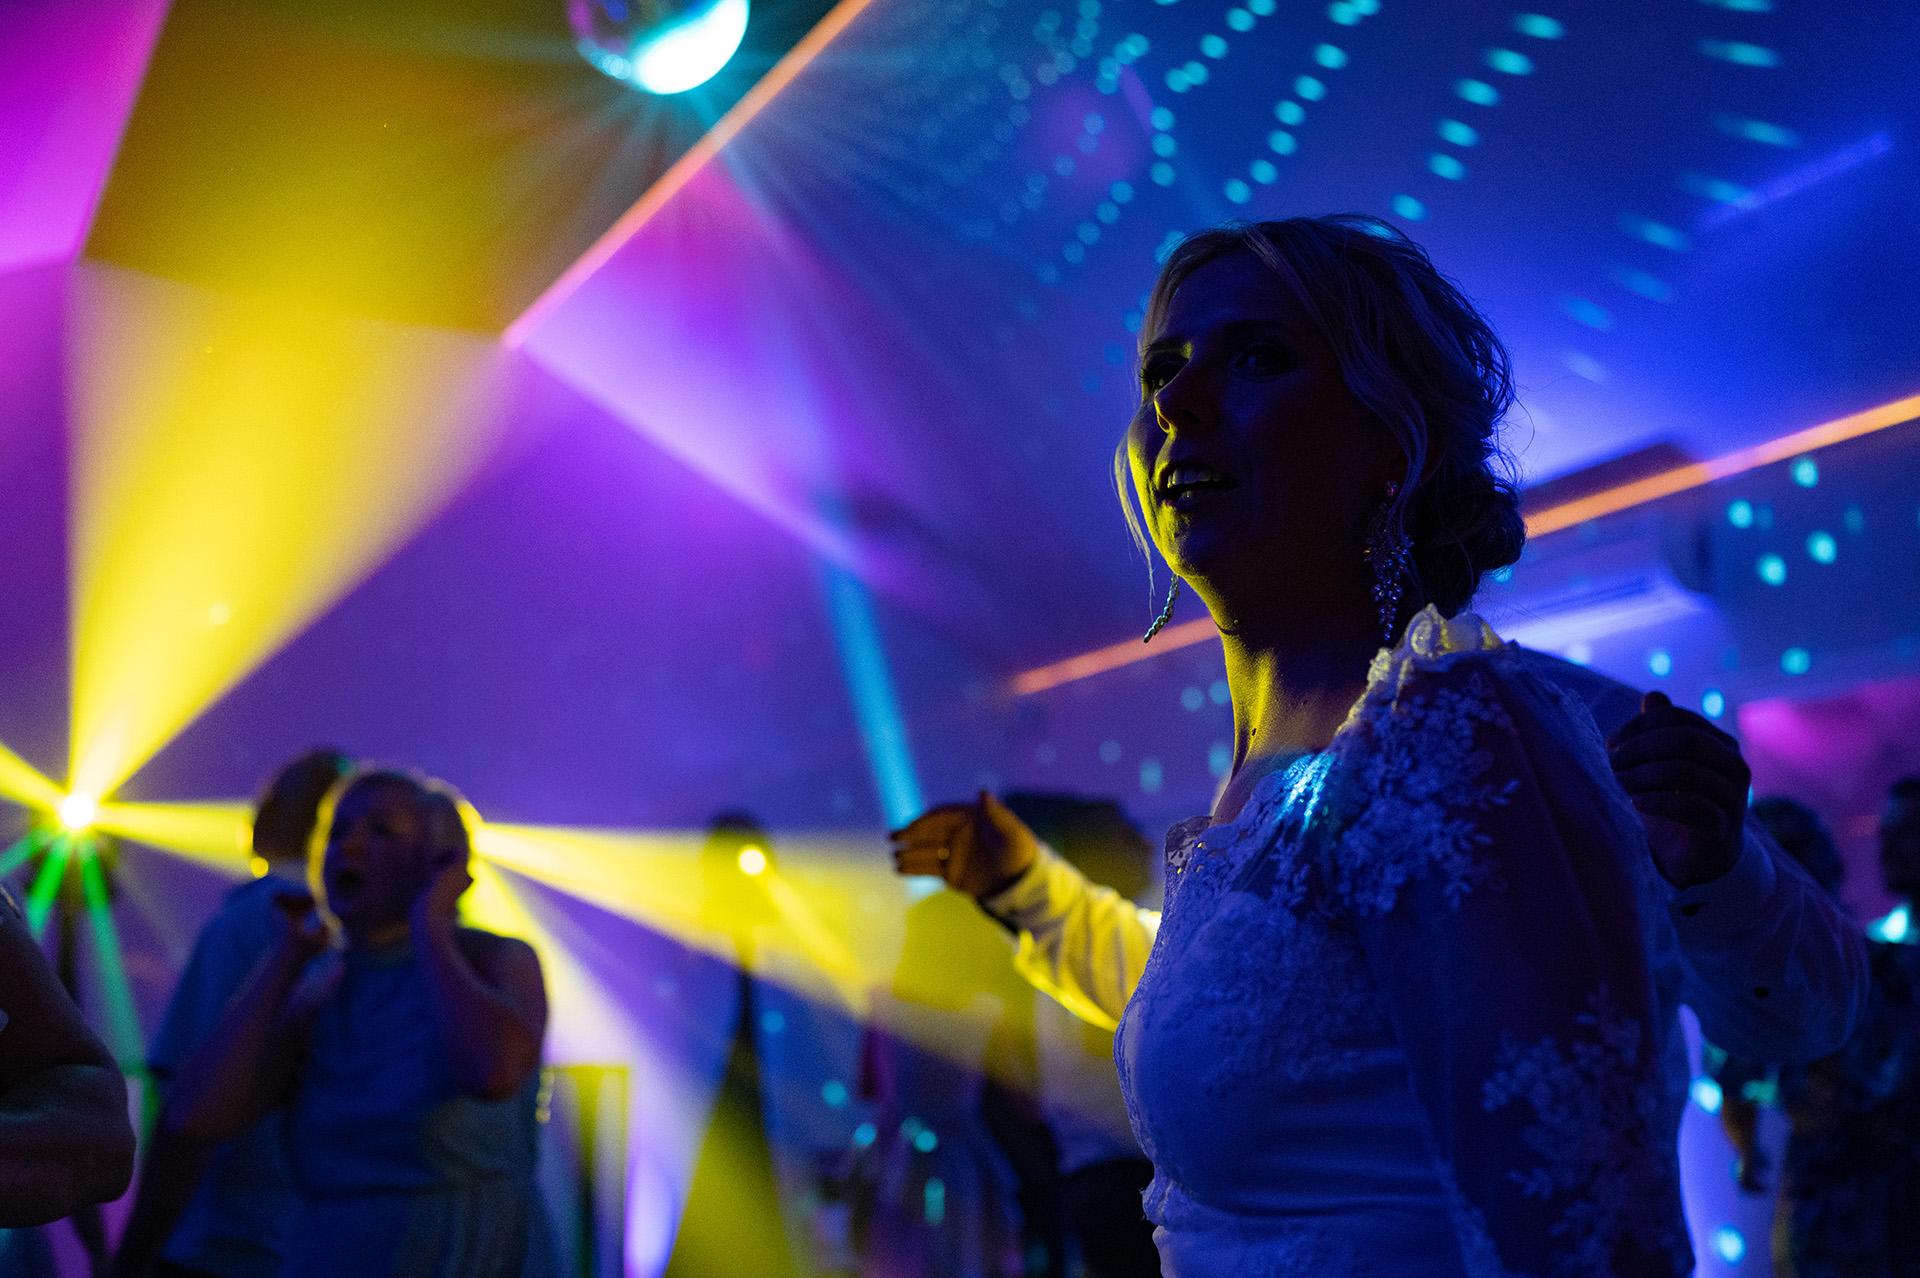 zabawy weselne zdjęcia podczas weselnych tańców